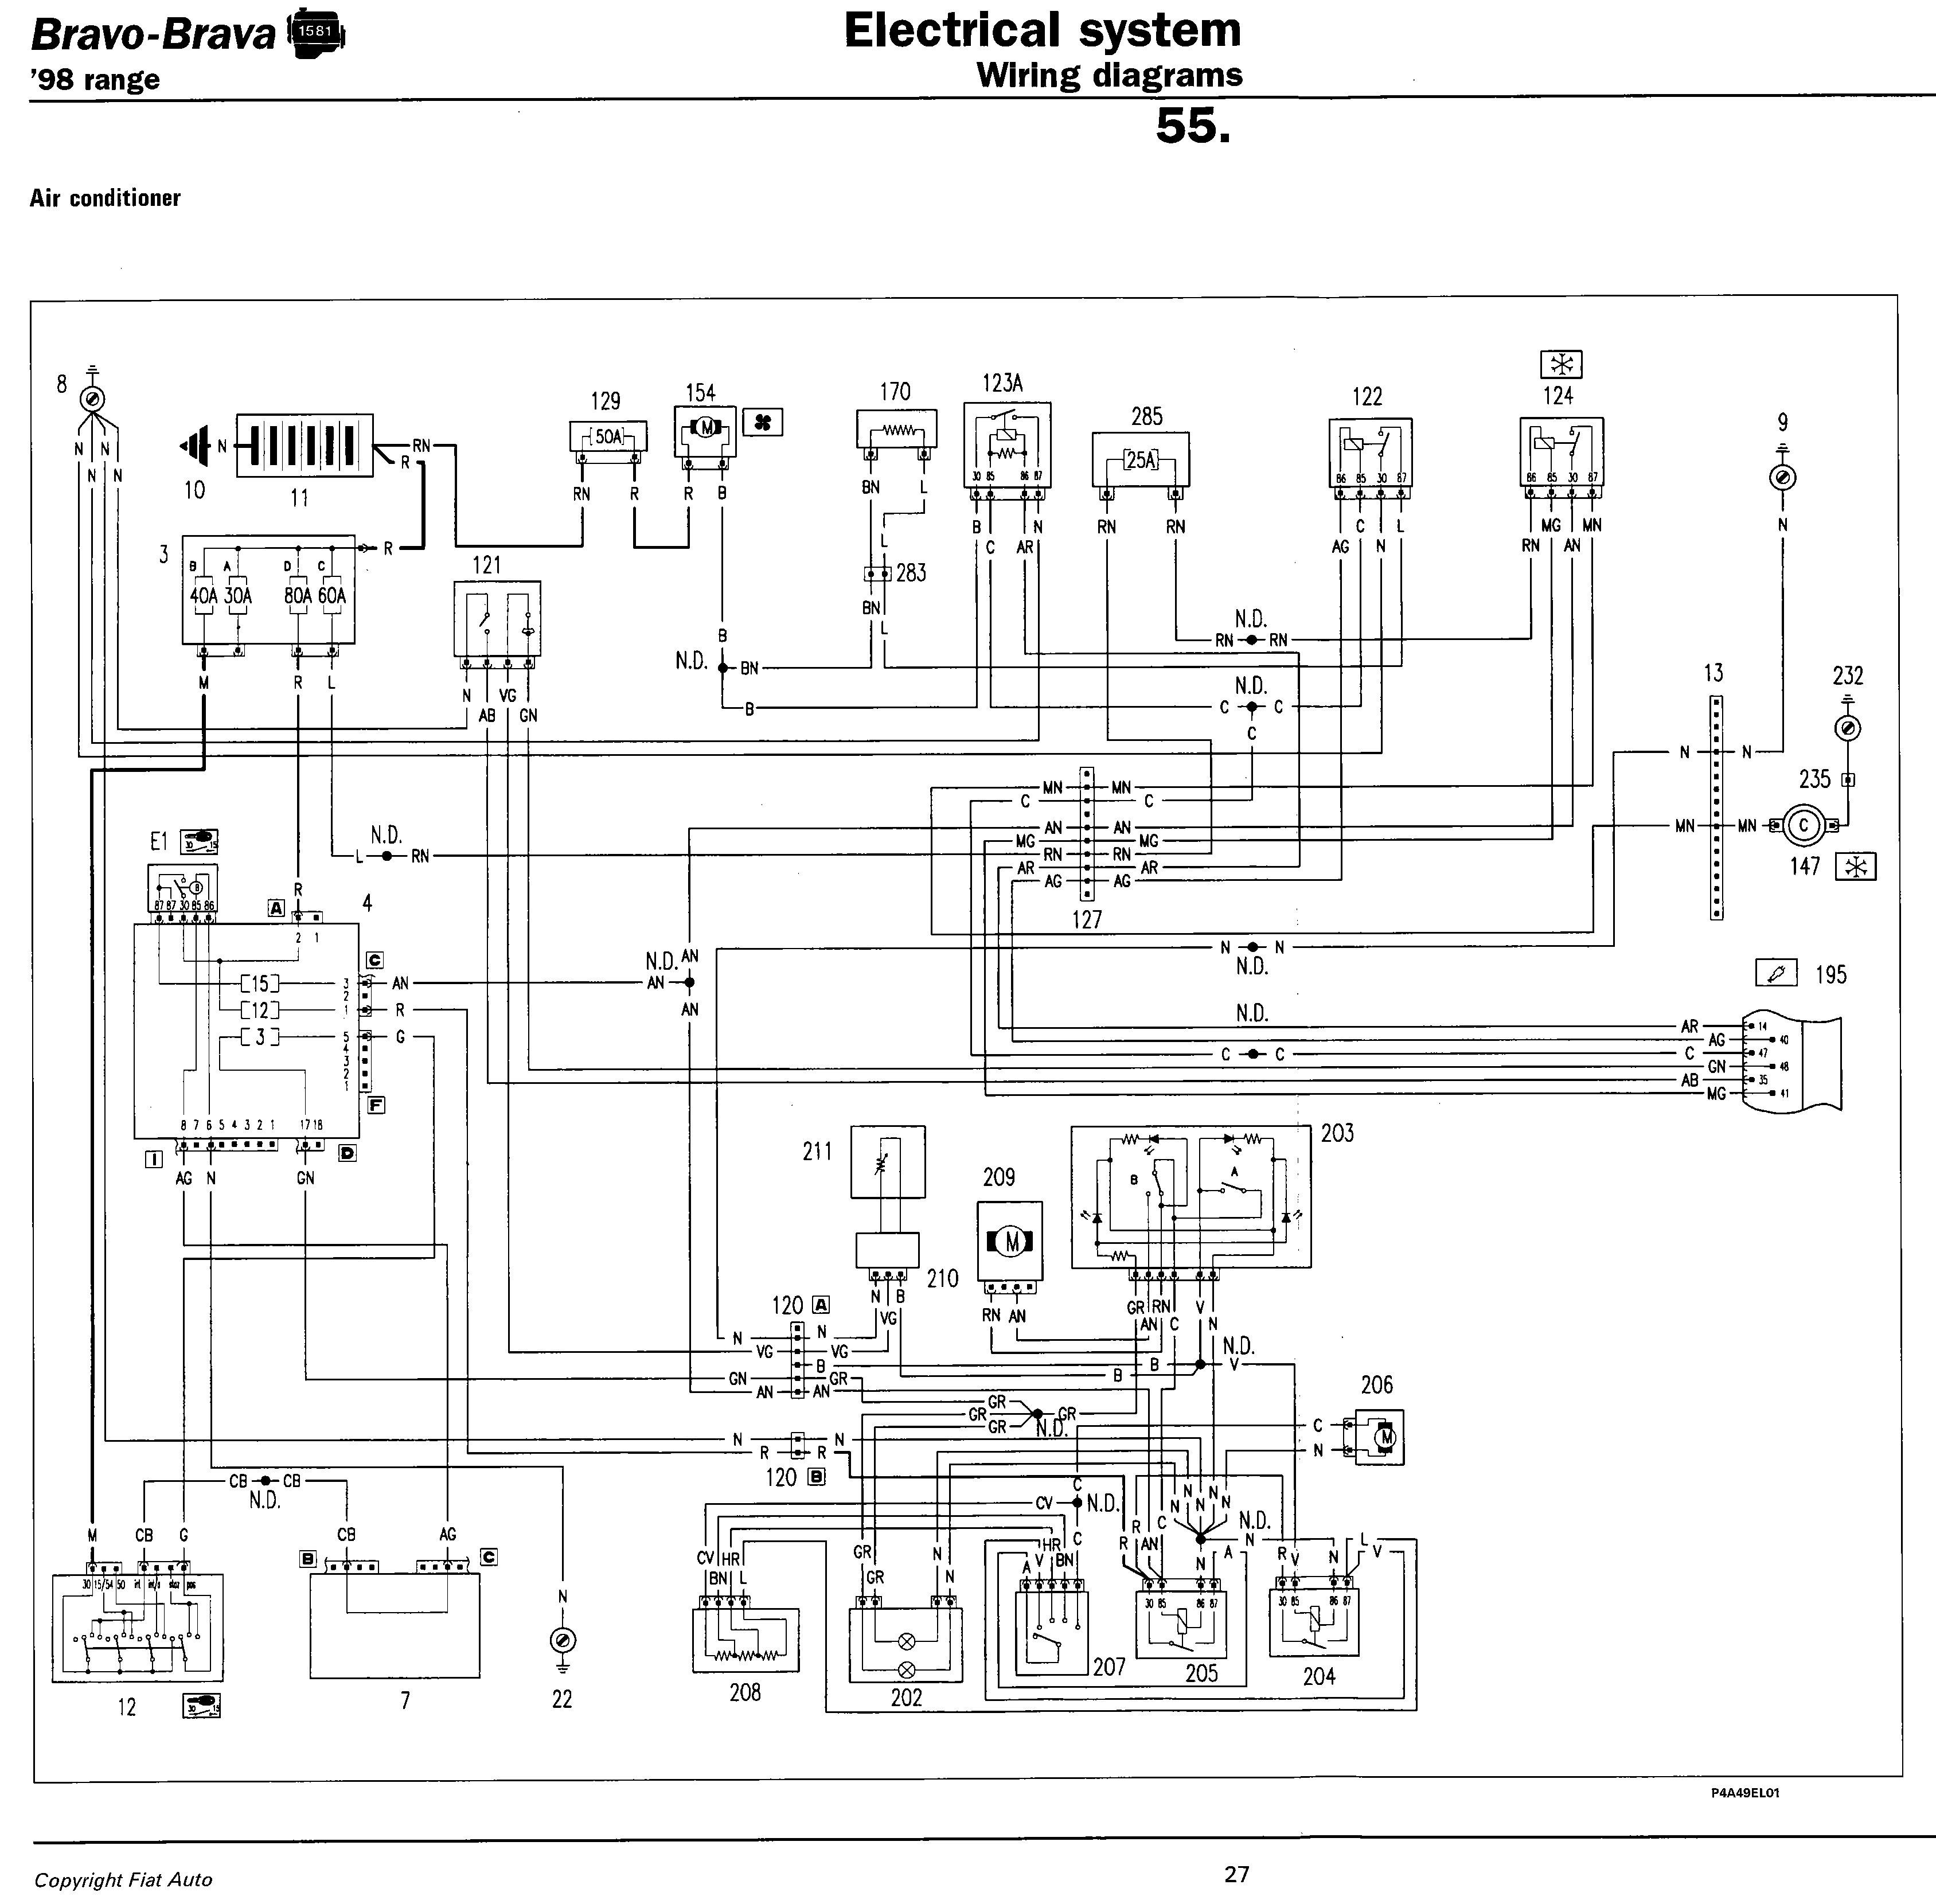 [ANLQ_8698]  DT_6878] Wiring Diagram Kawasaki Jet Ski Schematic Wiring | Kawasaki 1100 Stx Wiring Diagram |  | Ogeno Xrenket Wida Mohammedshrine Librar Wiring 101